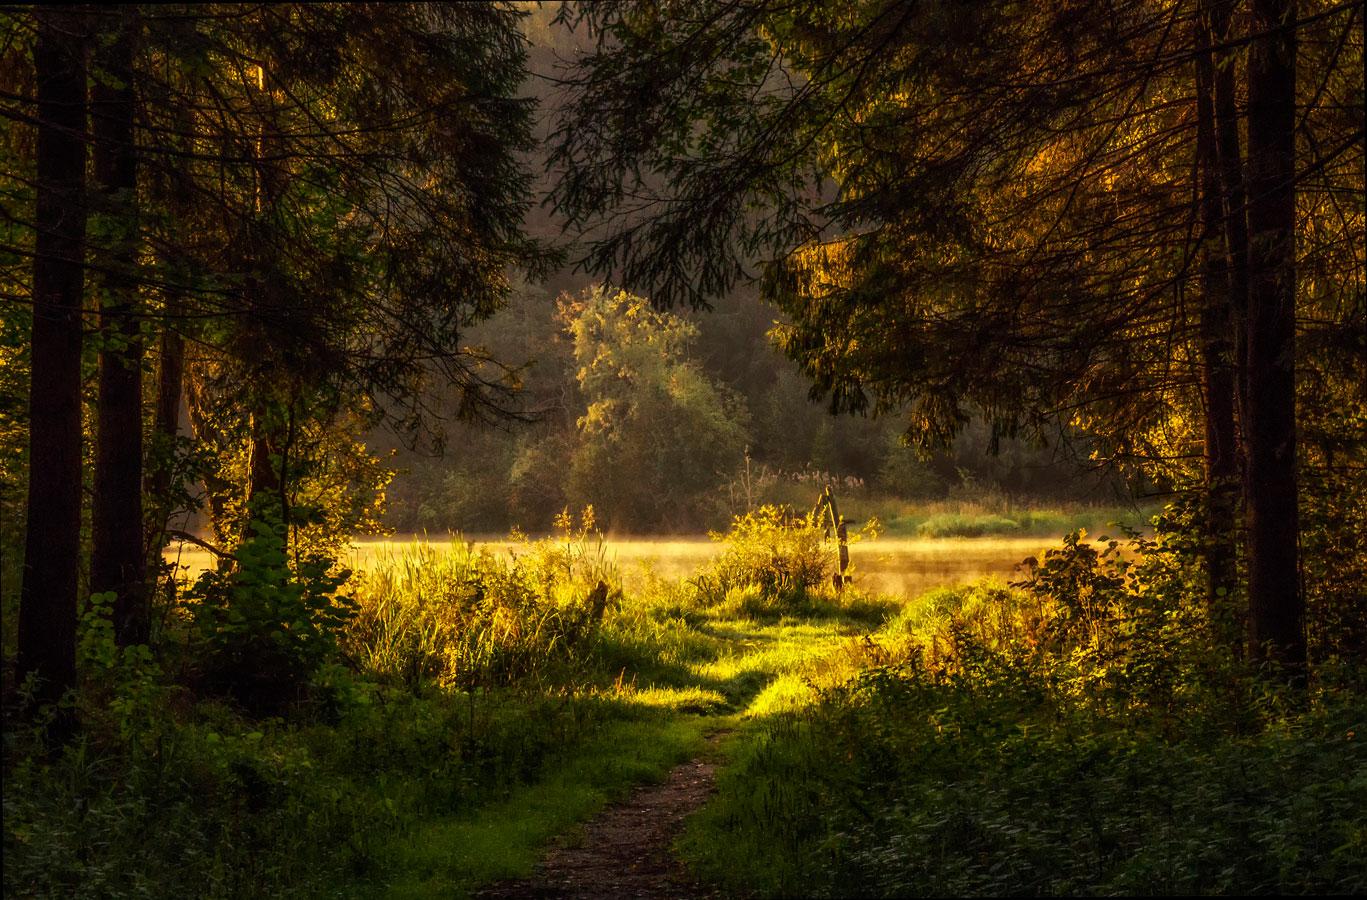 Лесная тропинка к озеру, © Евгения Ботова, 3-е место в номинации «Юные таланты», Фотоконкурс «Дикая природа России» от National Geographic